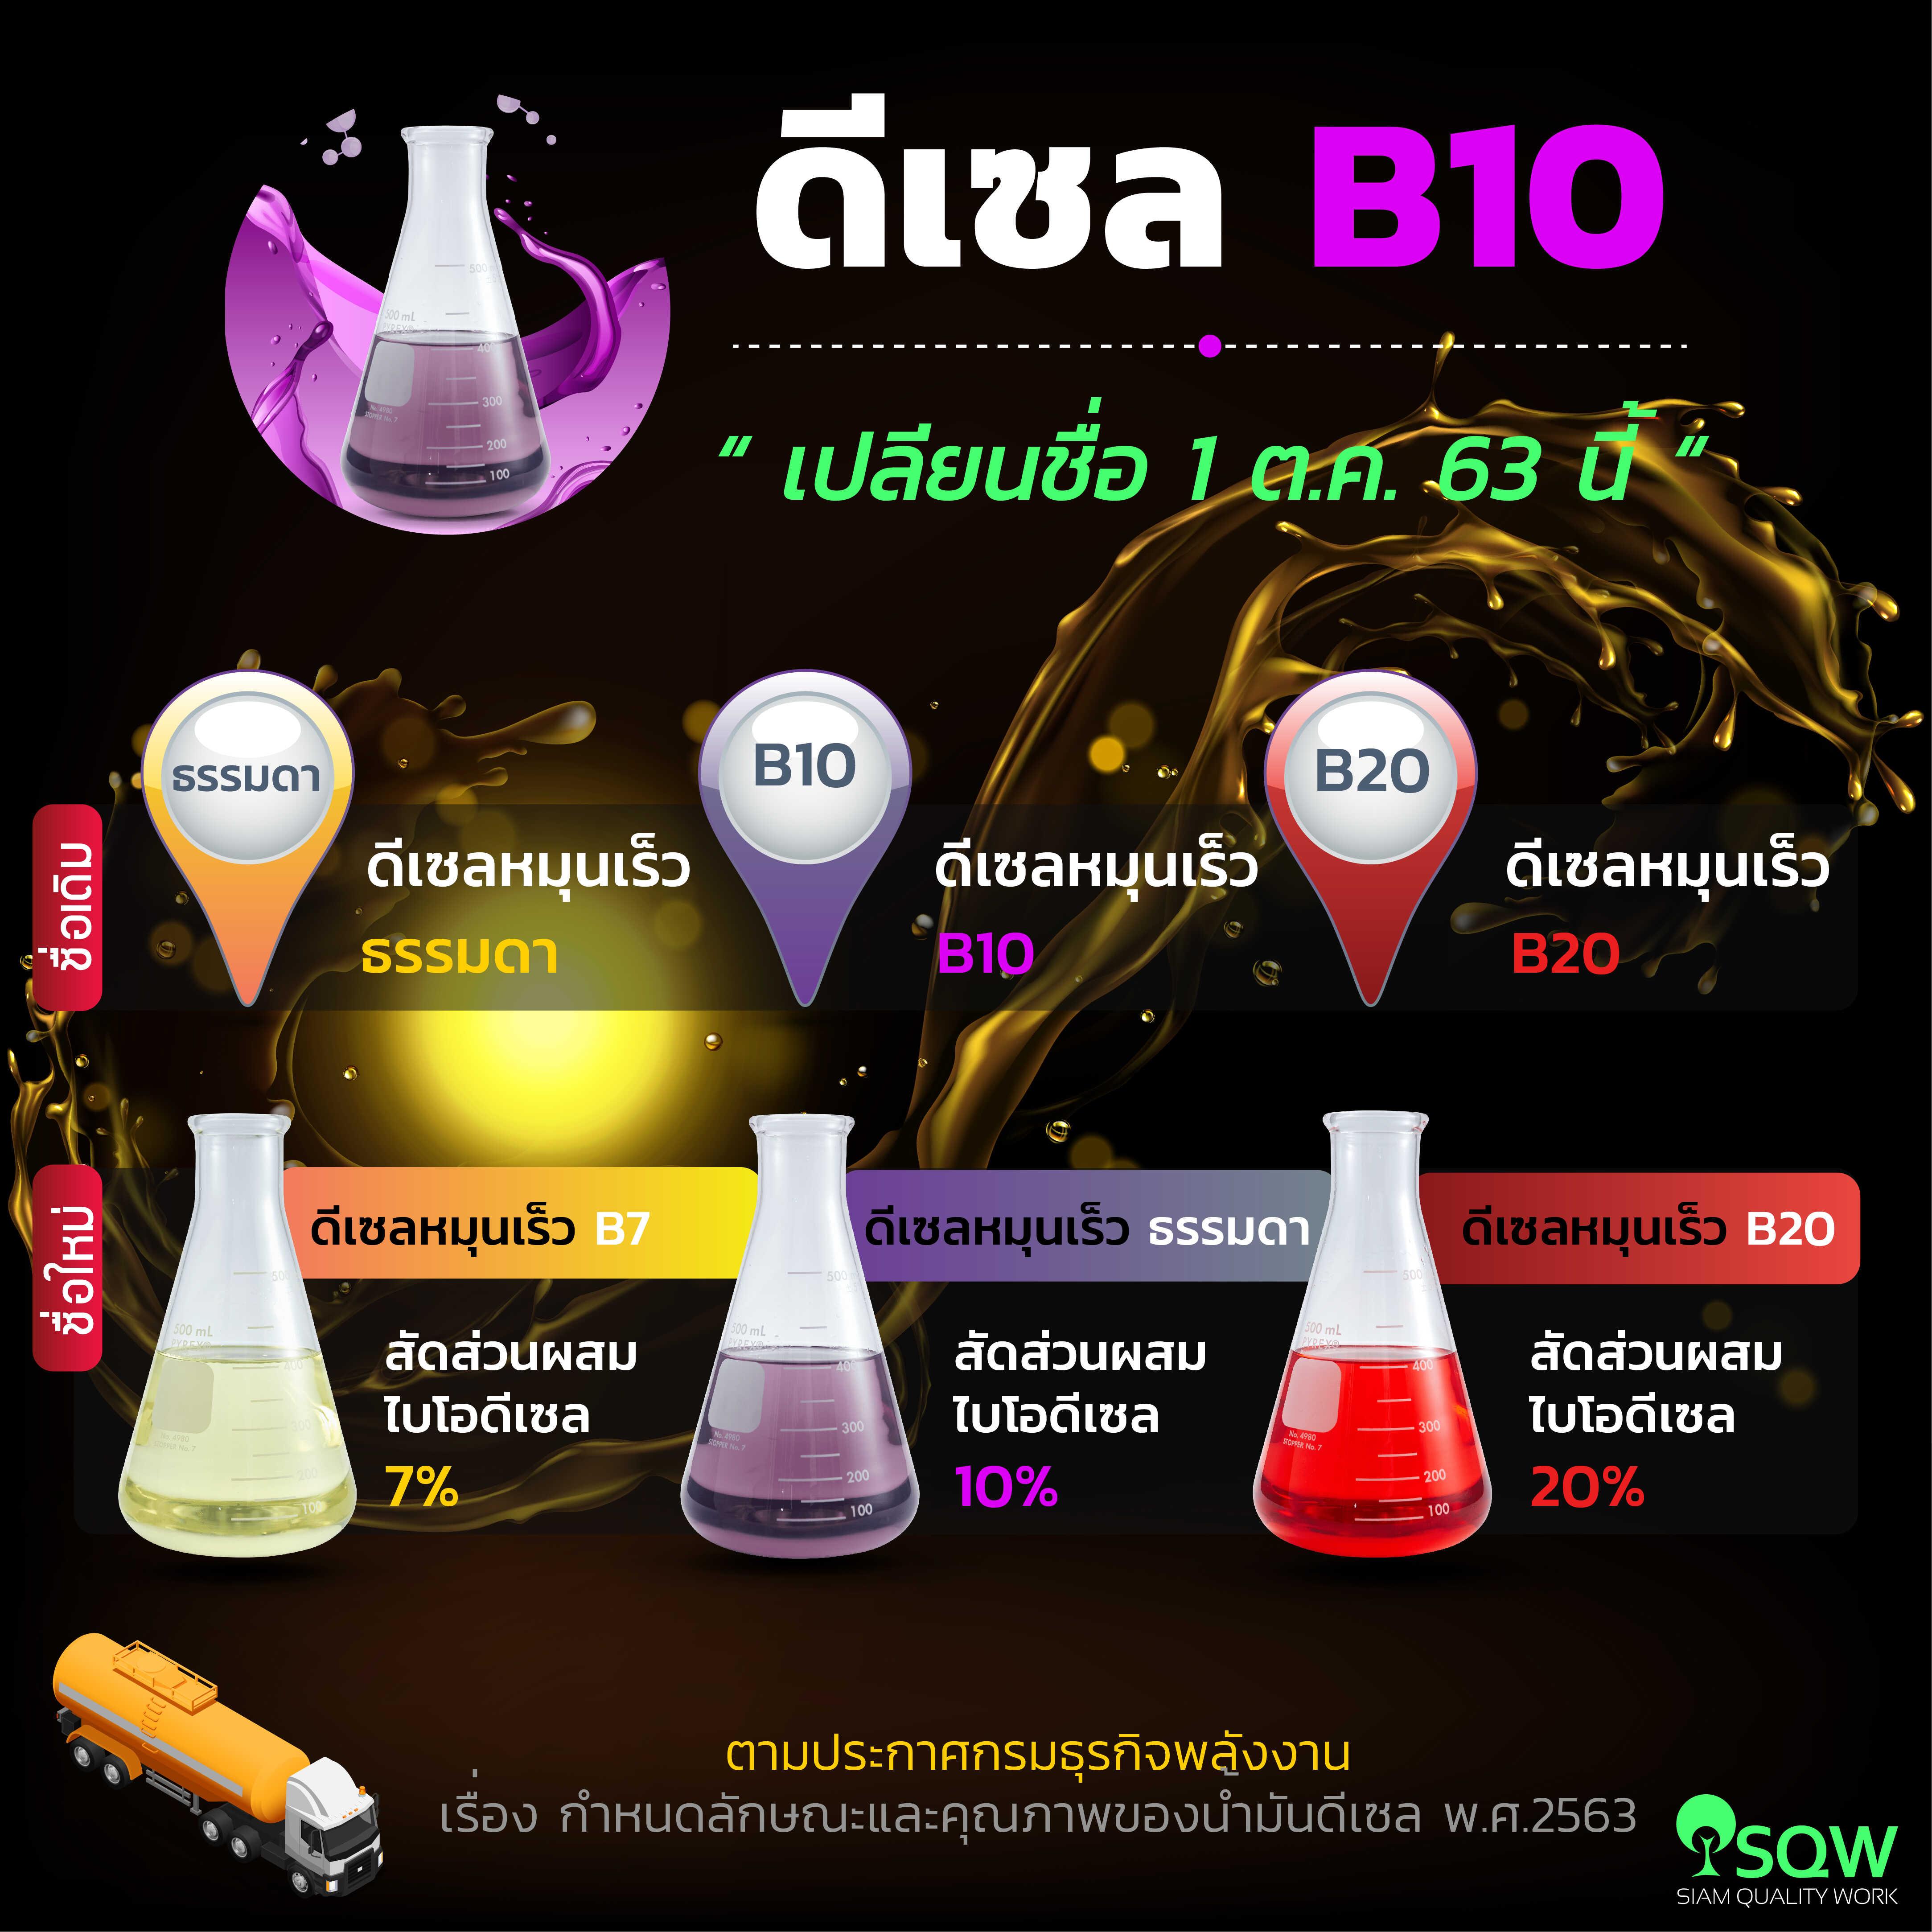 ดีเซล B10  เปลี่ยนชื่อเป็น ดีเซลธรรมดา